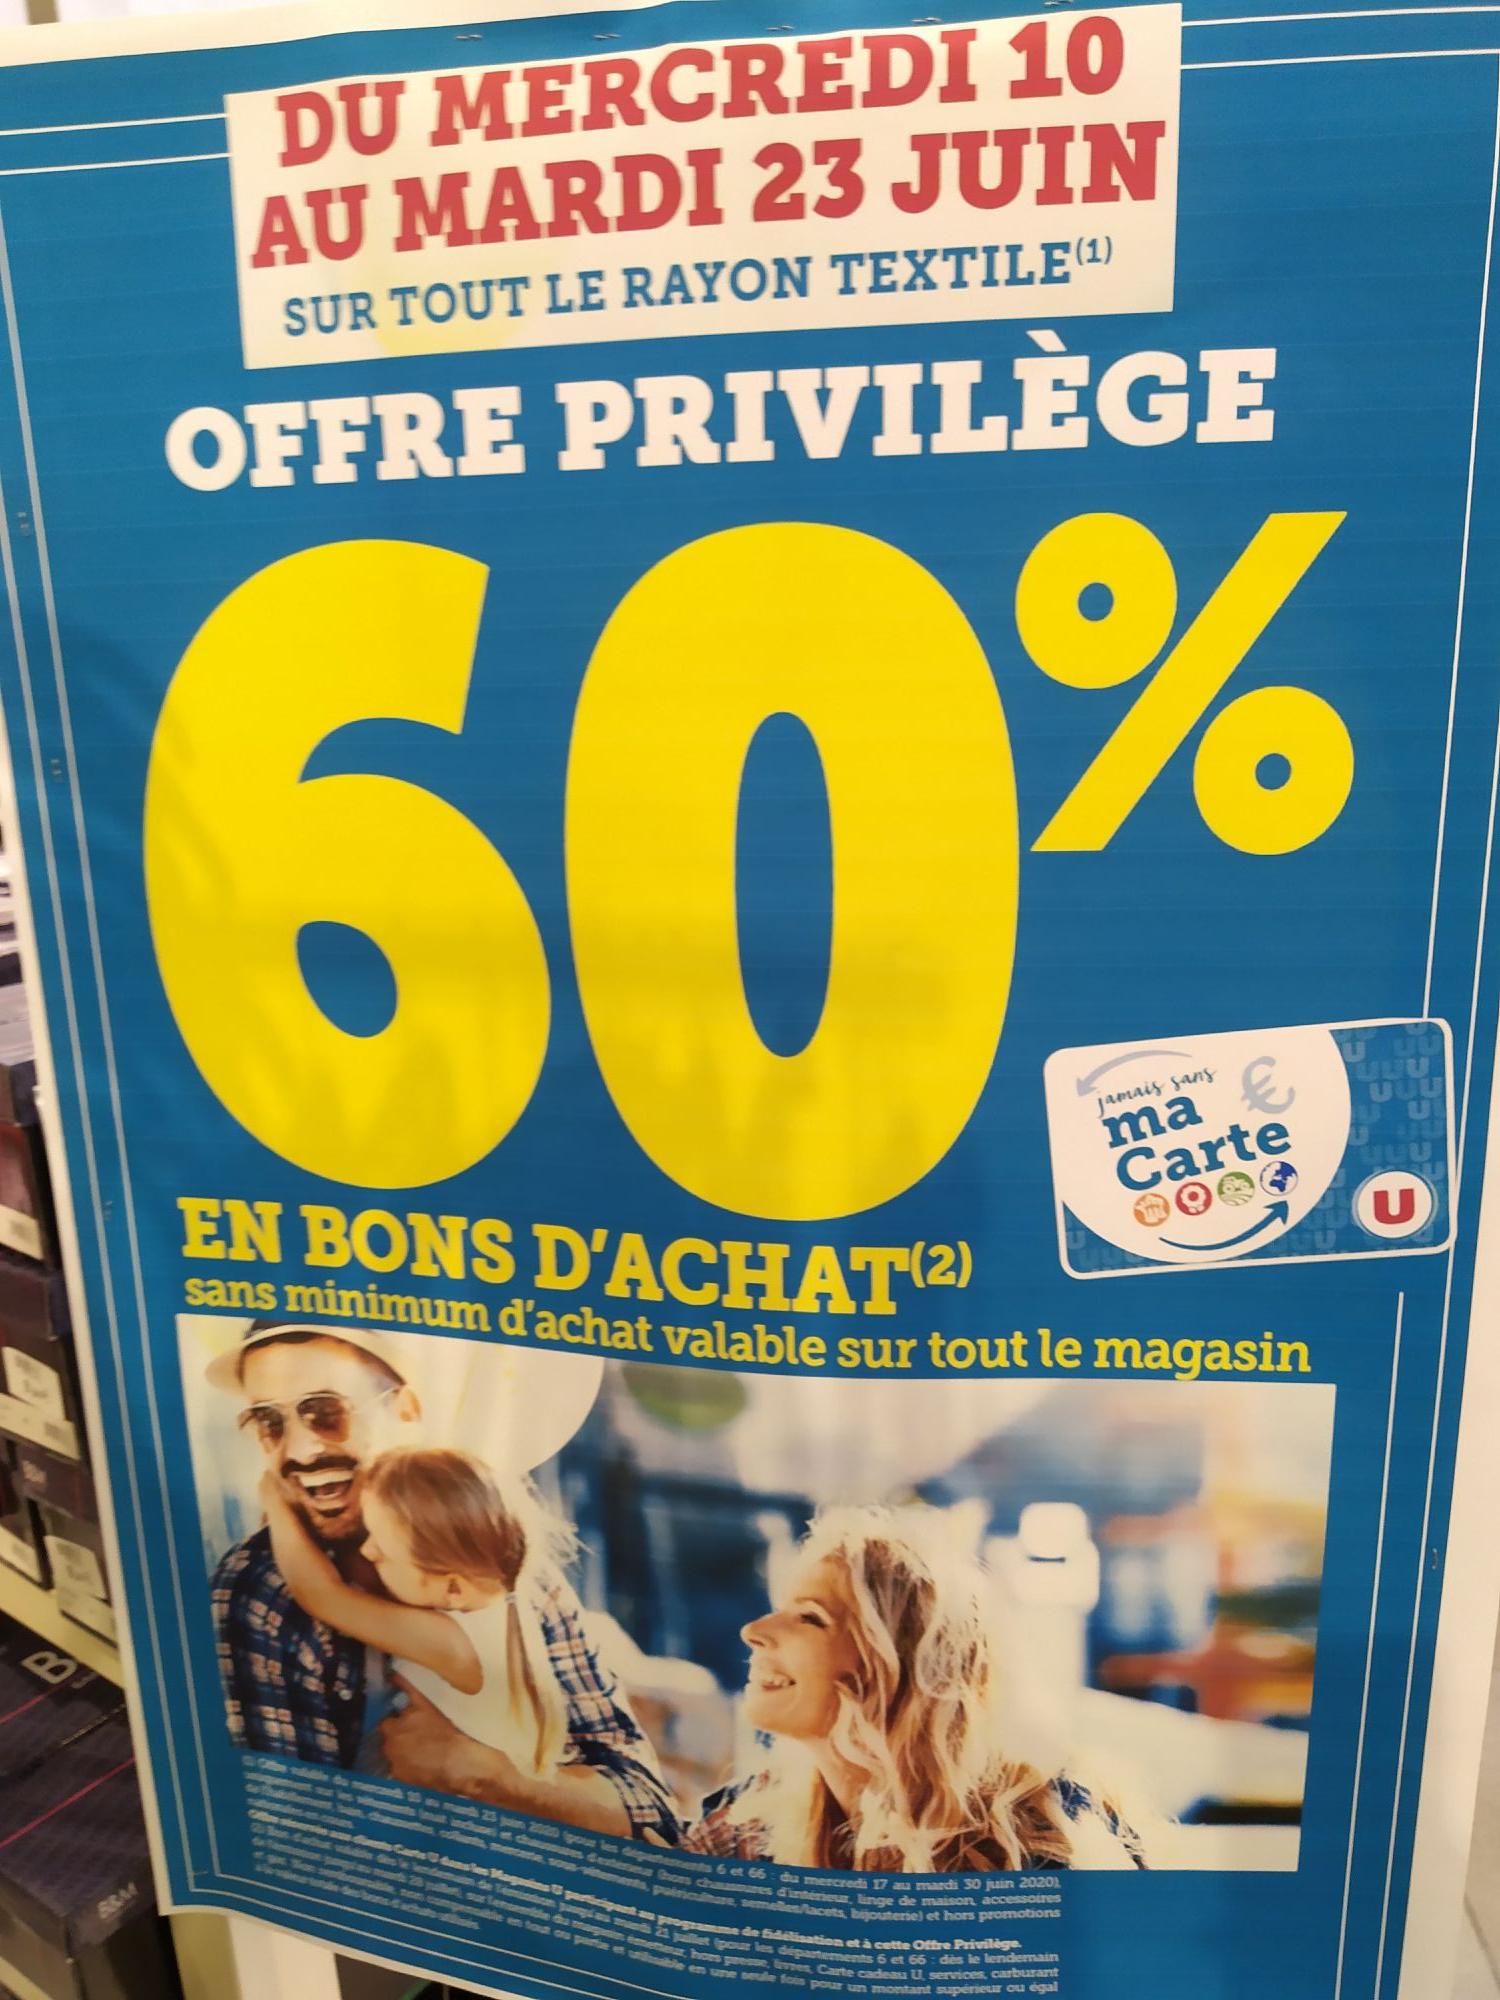 [Carte Fidélité] 60% offerts en bon d'achat sur le textile (Agde 34)